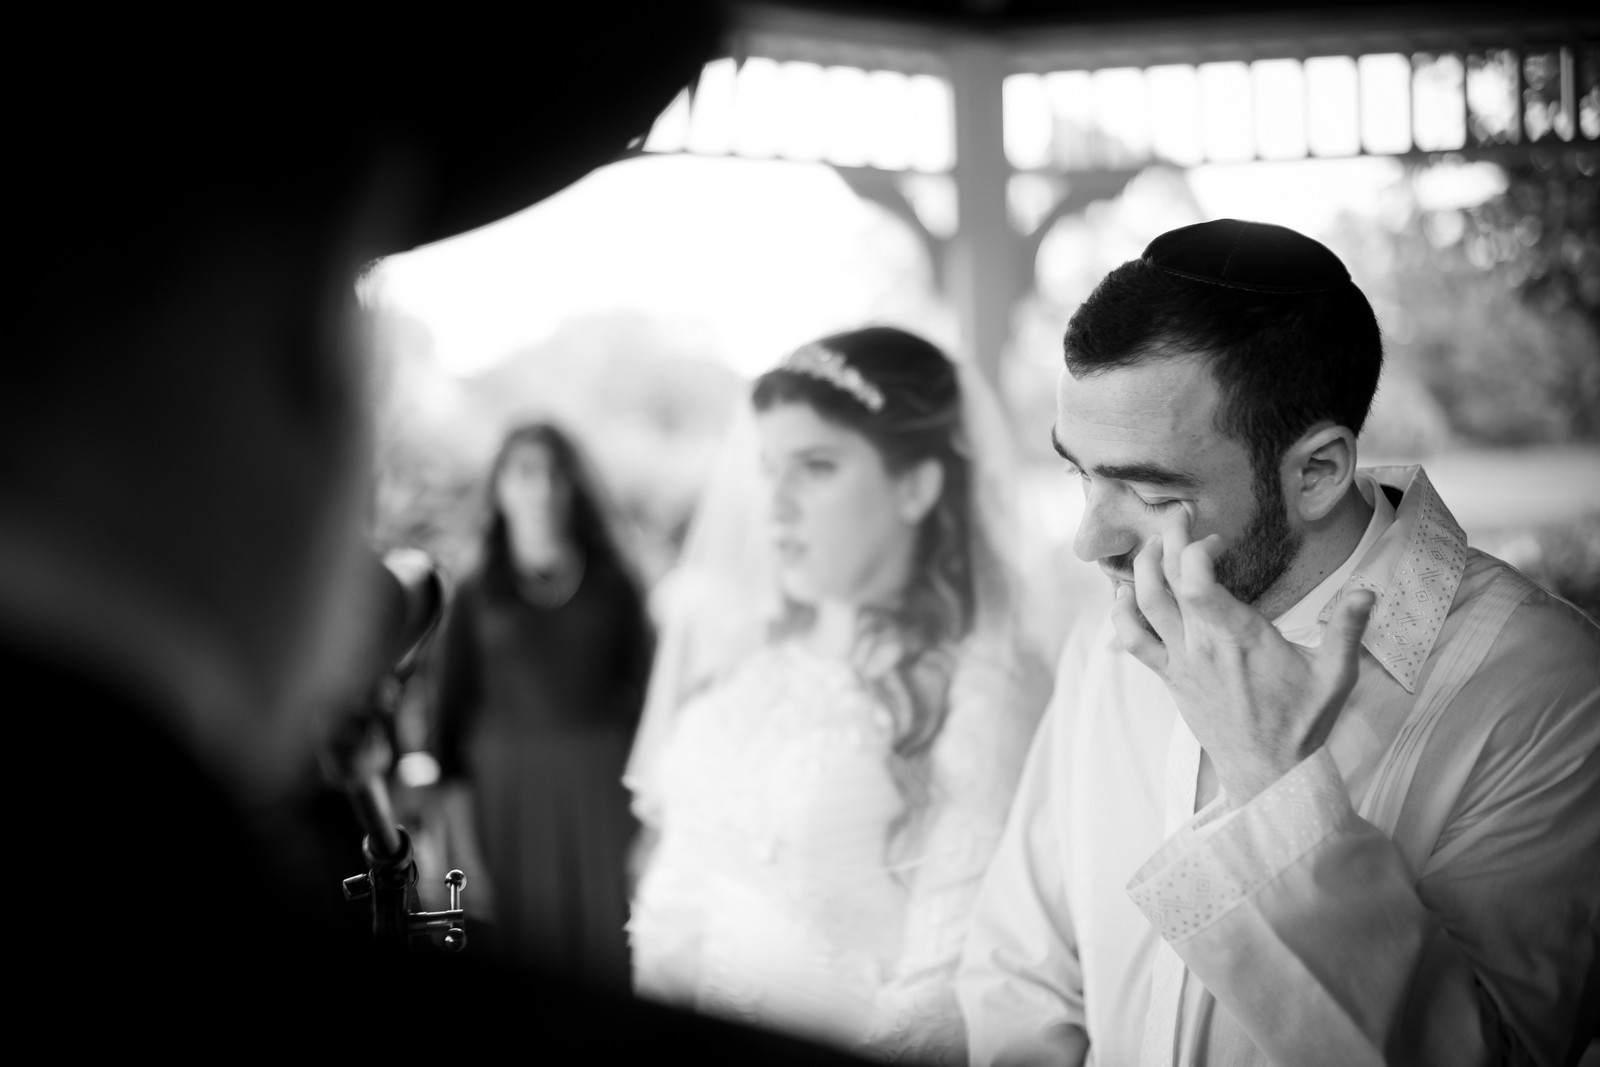 Orthodox Jewish Wedding, Dyker Beach Park and Golf Course, Brooklyn, New York, Photo by Chaim Schvarcz, Bride, Groom, Chuppah